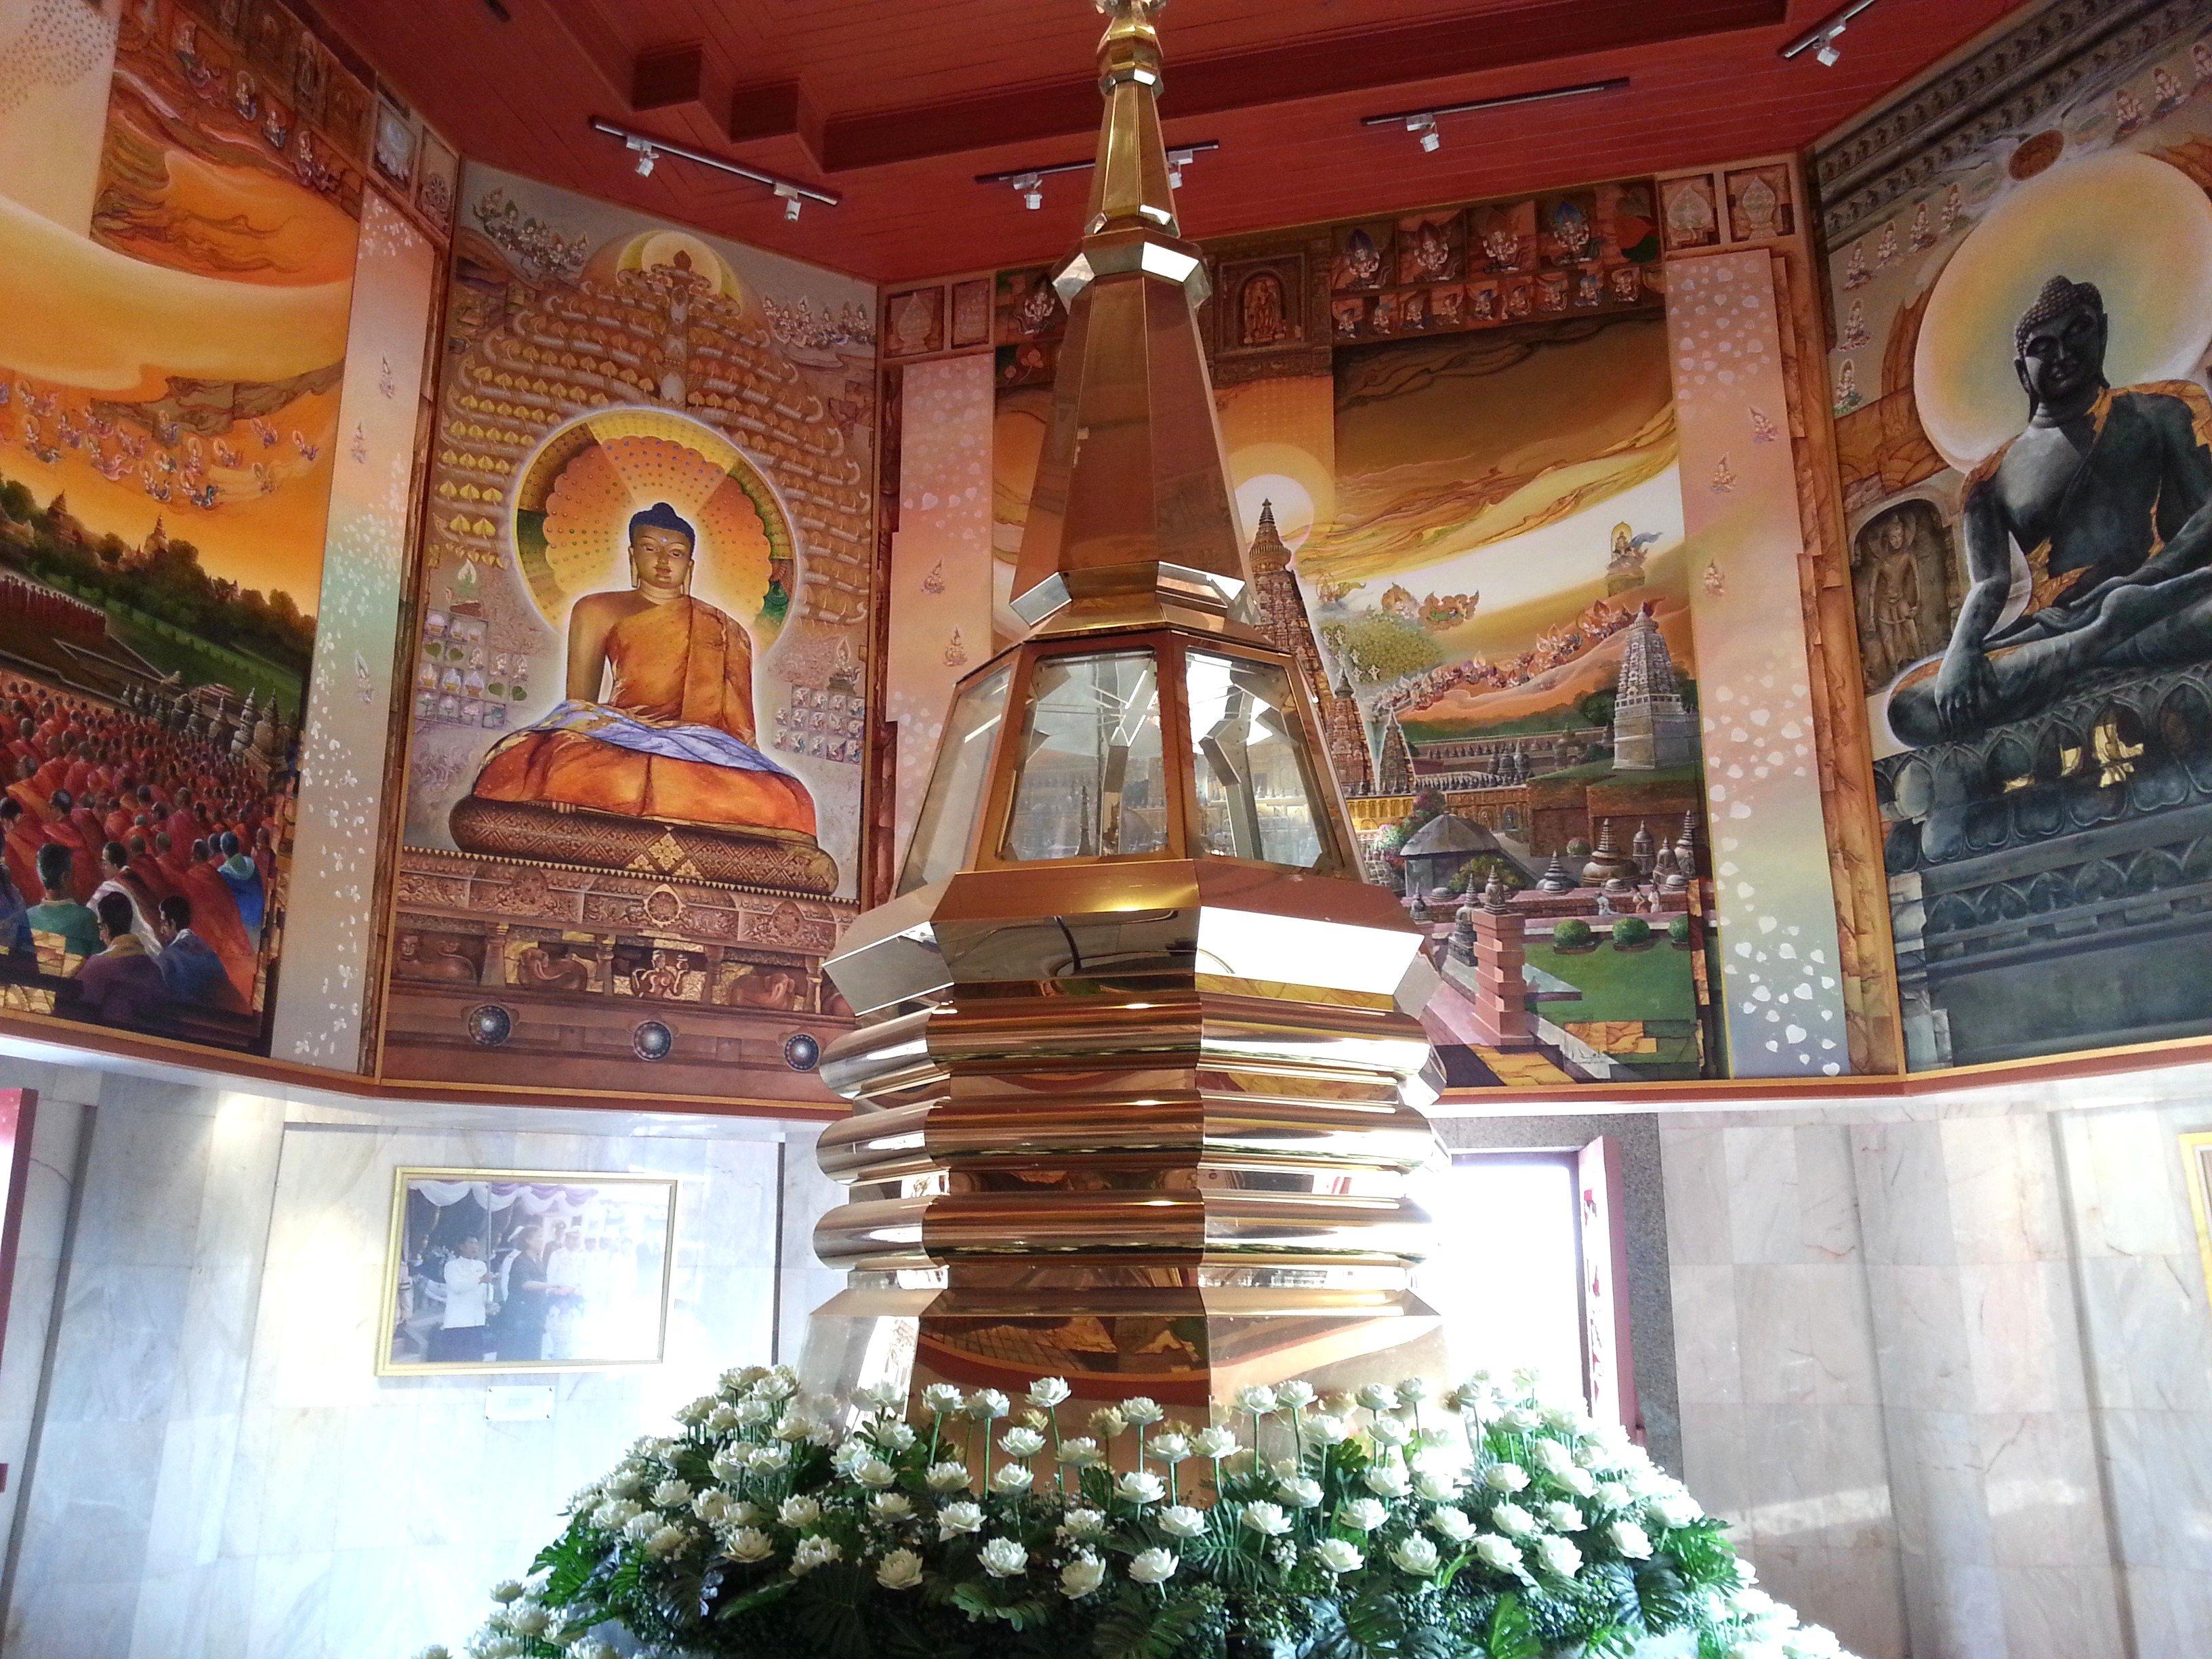 Buddha shrine at Wat Pothisomphon